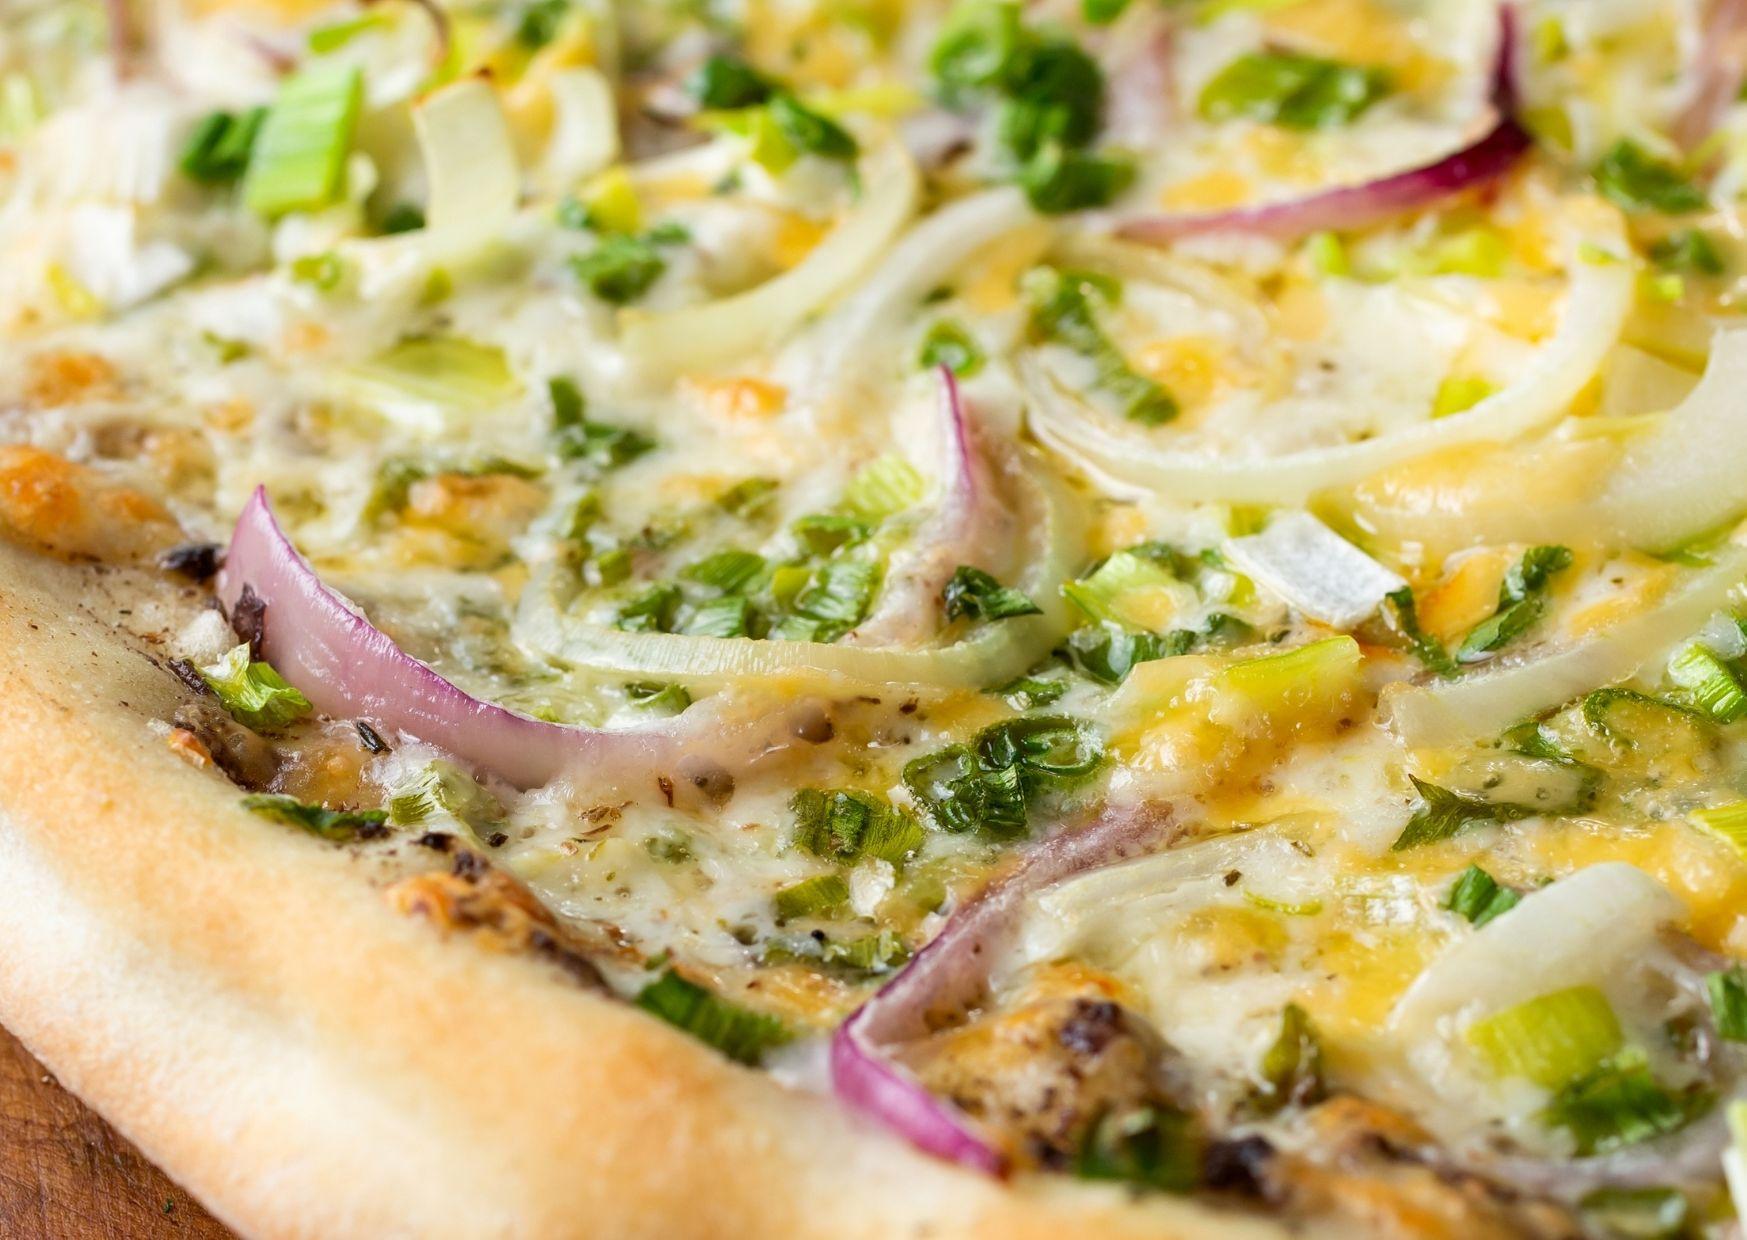 Pizza distinta con mucha cebolla y queso